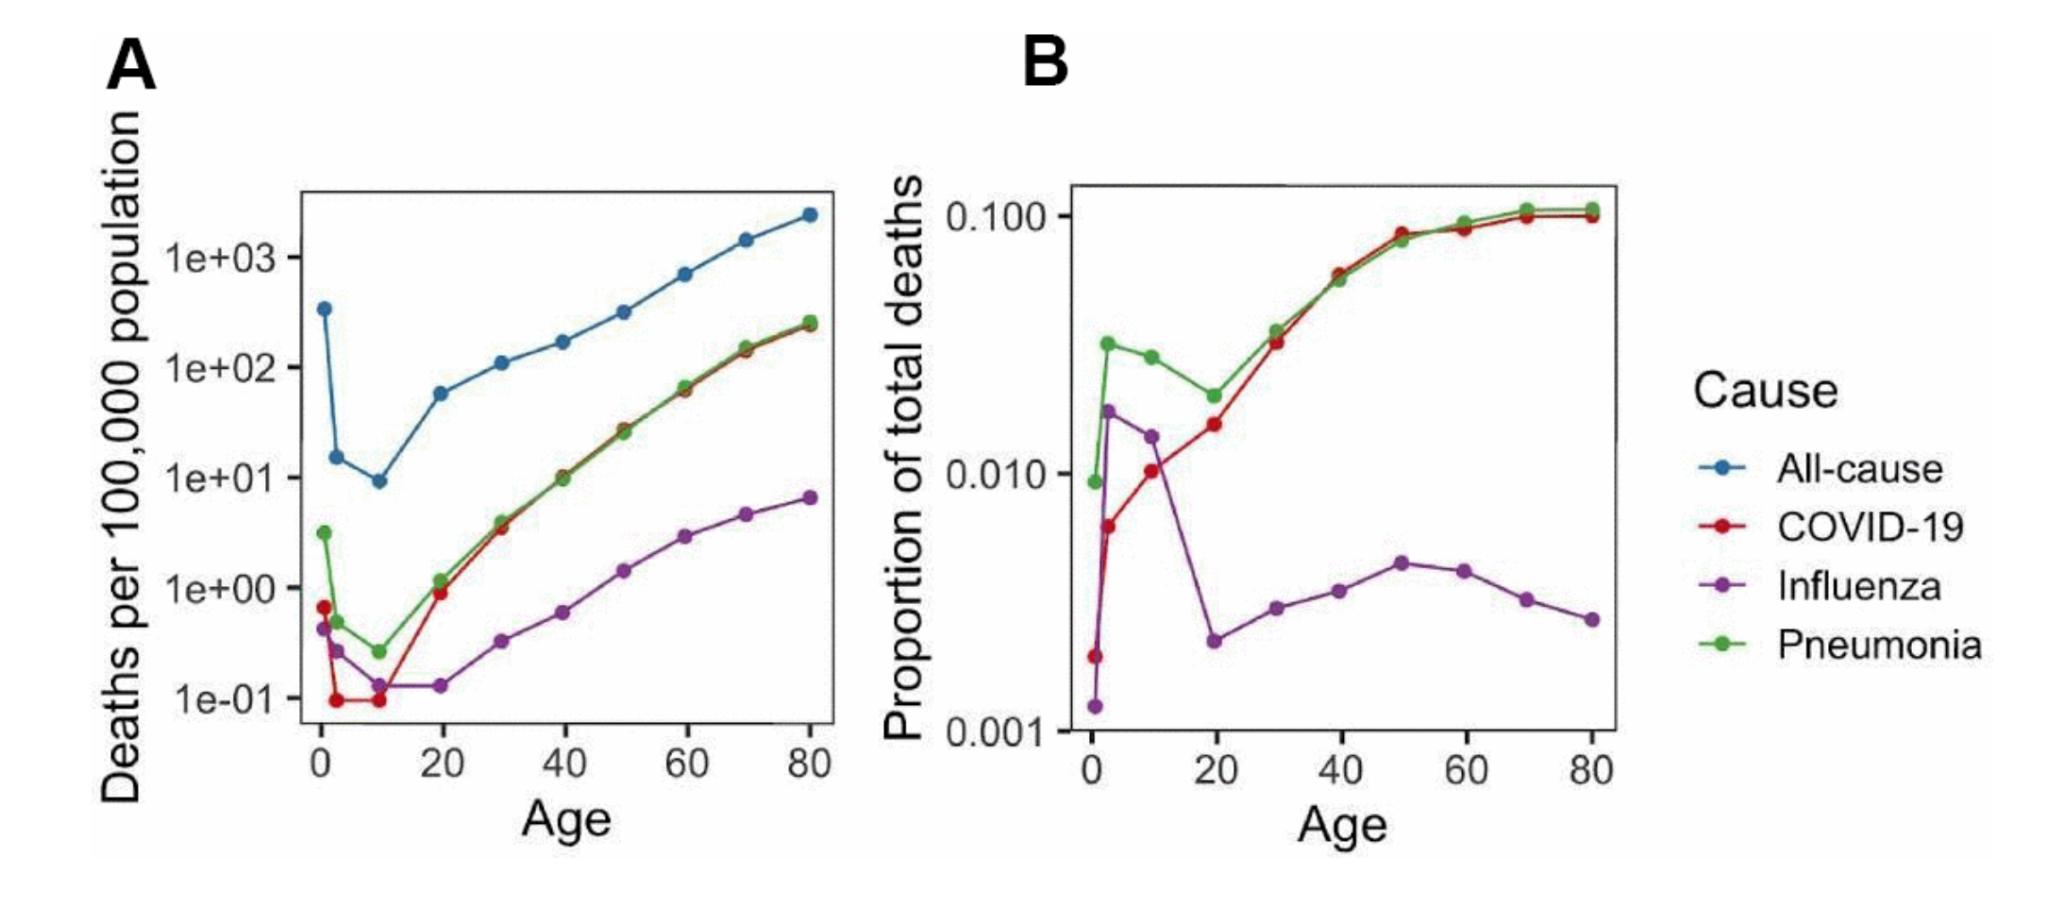 Figure 3. Burden of COVID-19, pneumonia and influenza. (A) Mortality rate (per 100,000 population) for COVID-19, pneumonia and influenza as well as all-cause mortality rate. (B) Ratio of COVID-19, pneumonia and influenza mortality rate to all-cause mortality rate.